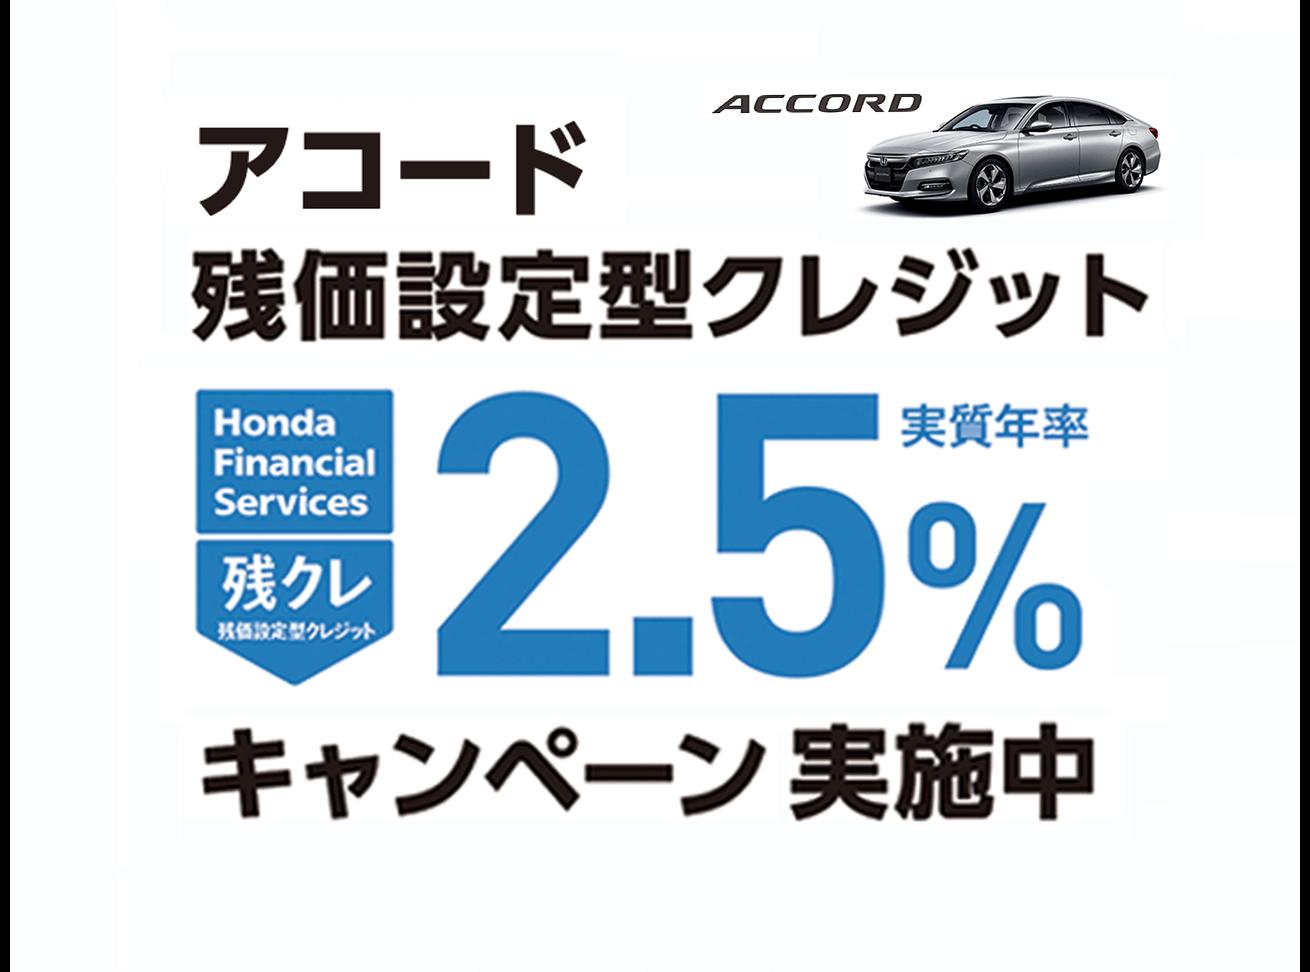 アコード 残価設定型クレジット 2.5%キャンペーン実施中